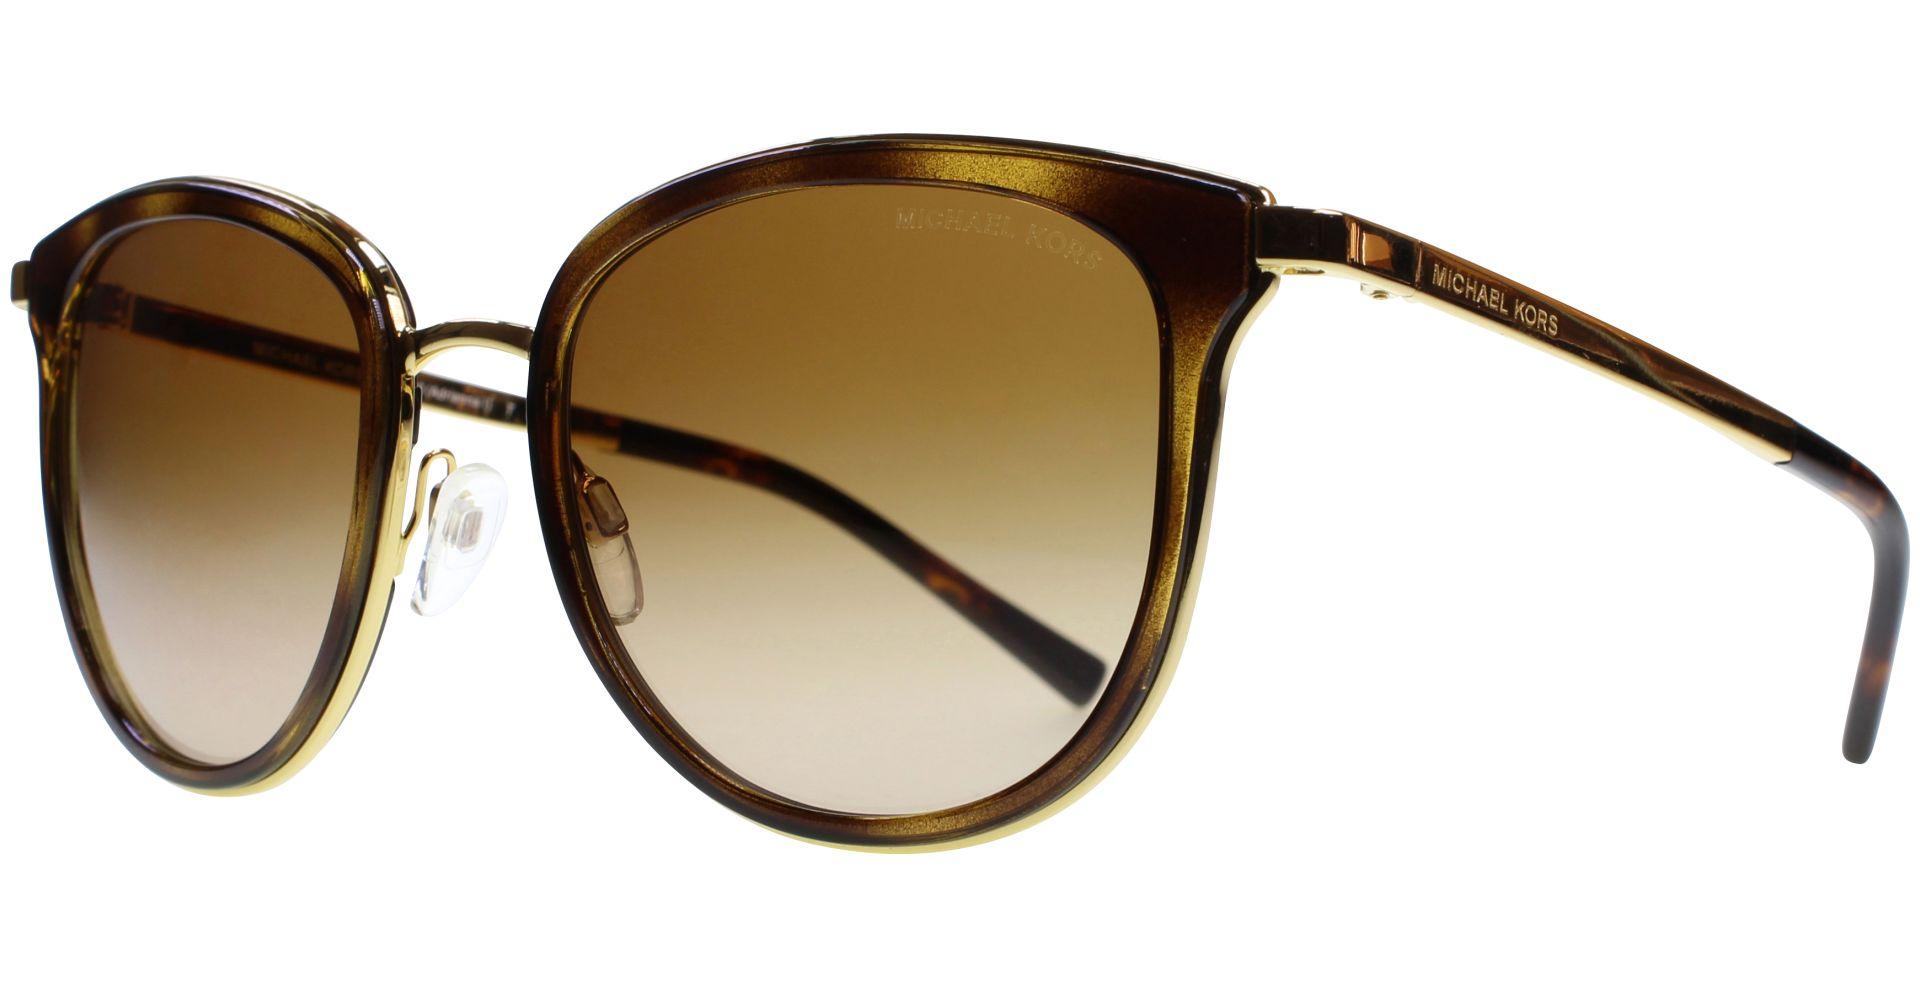 Michael Kors Adrianna I Sonnenbrille Gold und Tortoise 110113 54mm gnU6XXbnIY